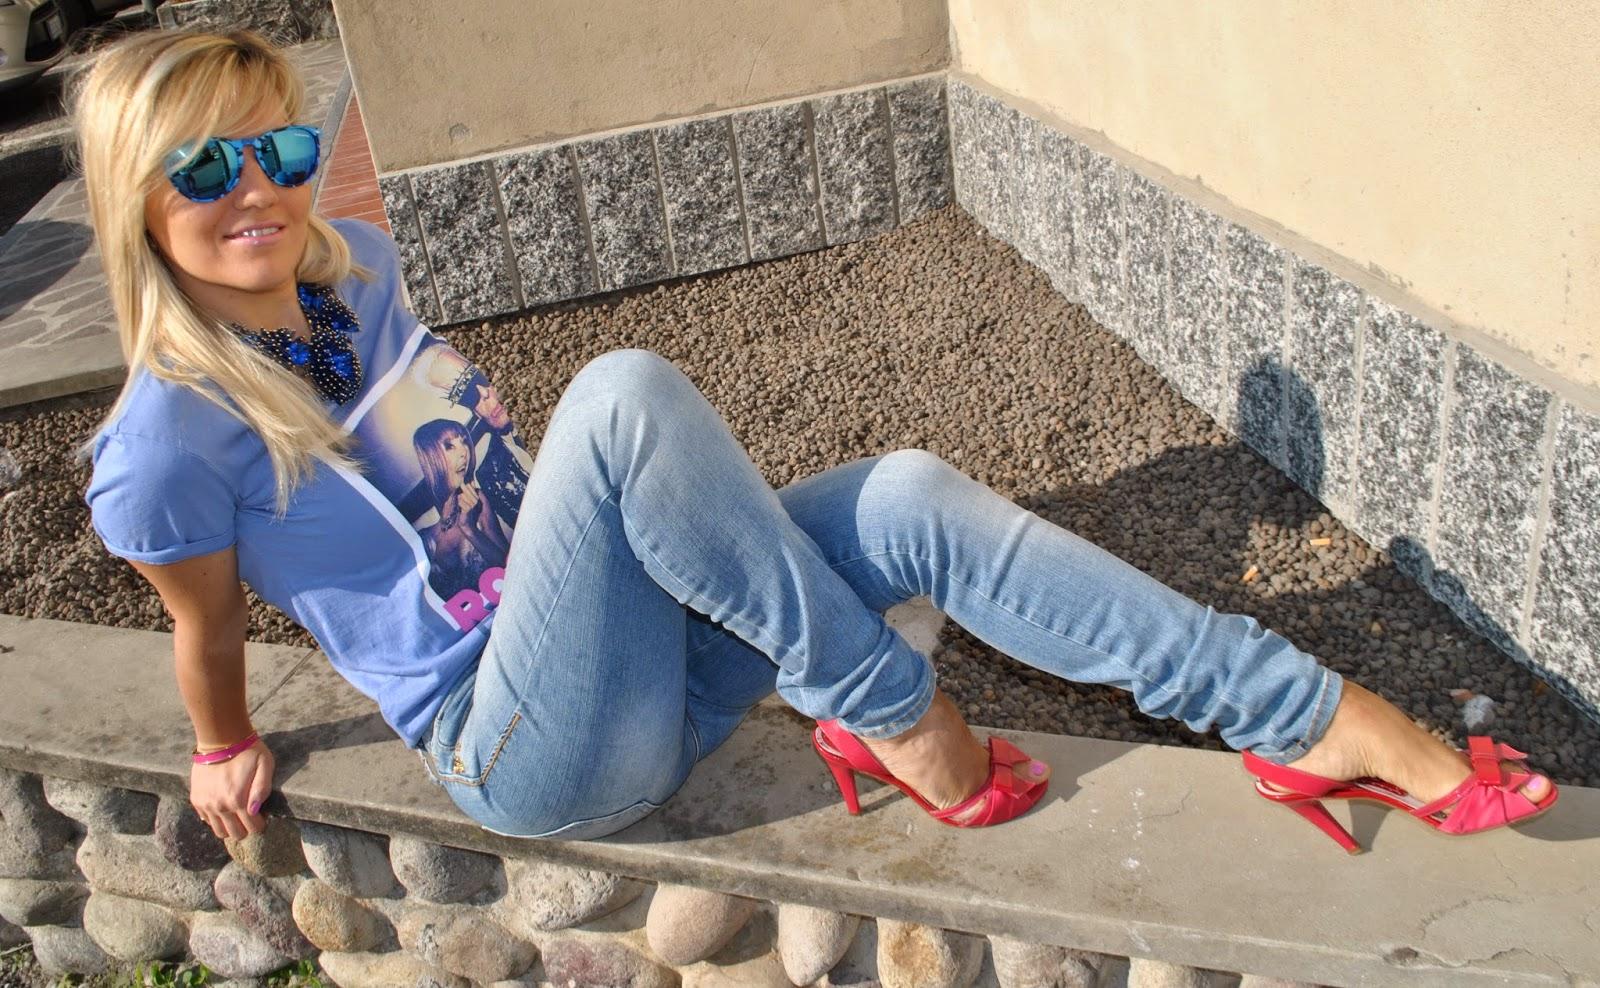 outfit jeans e tacchi abbinamento jeans e tacchi jeans fornarina botton up maglia happiness con karl lagerfeld e anna wintour sandali fornarina bracciale fucsia majique collana blu majique outfit casual outfit ottobre 2014 mariafelicia magno mariafelicia magno fashion blogger colorblock by felym outfit fucsia e blu occhiali da sole excape con lenti a specchio blu fashion blogger bionde fashion blogger italiane bionde